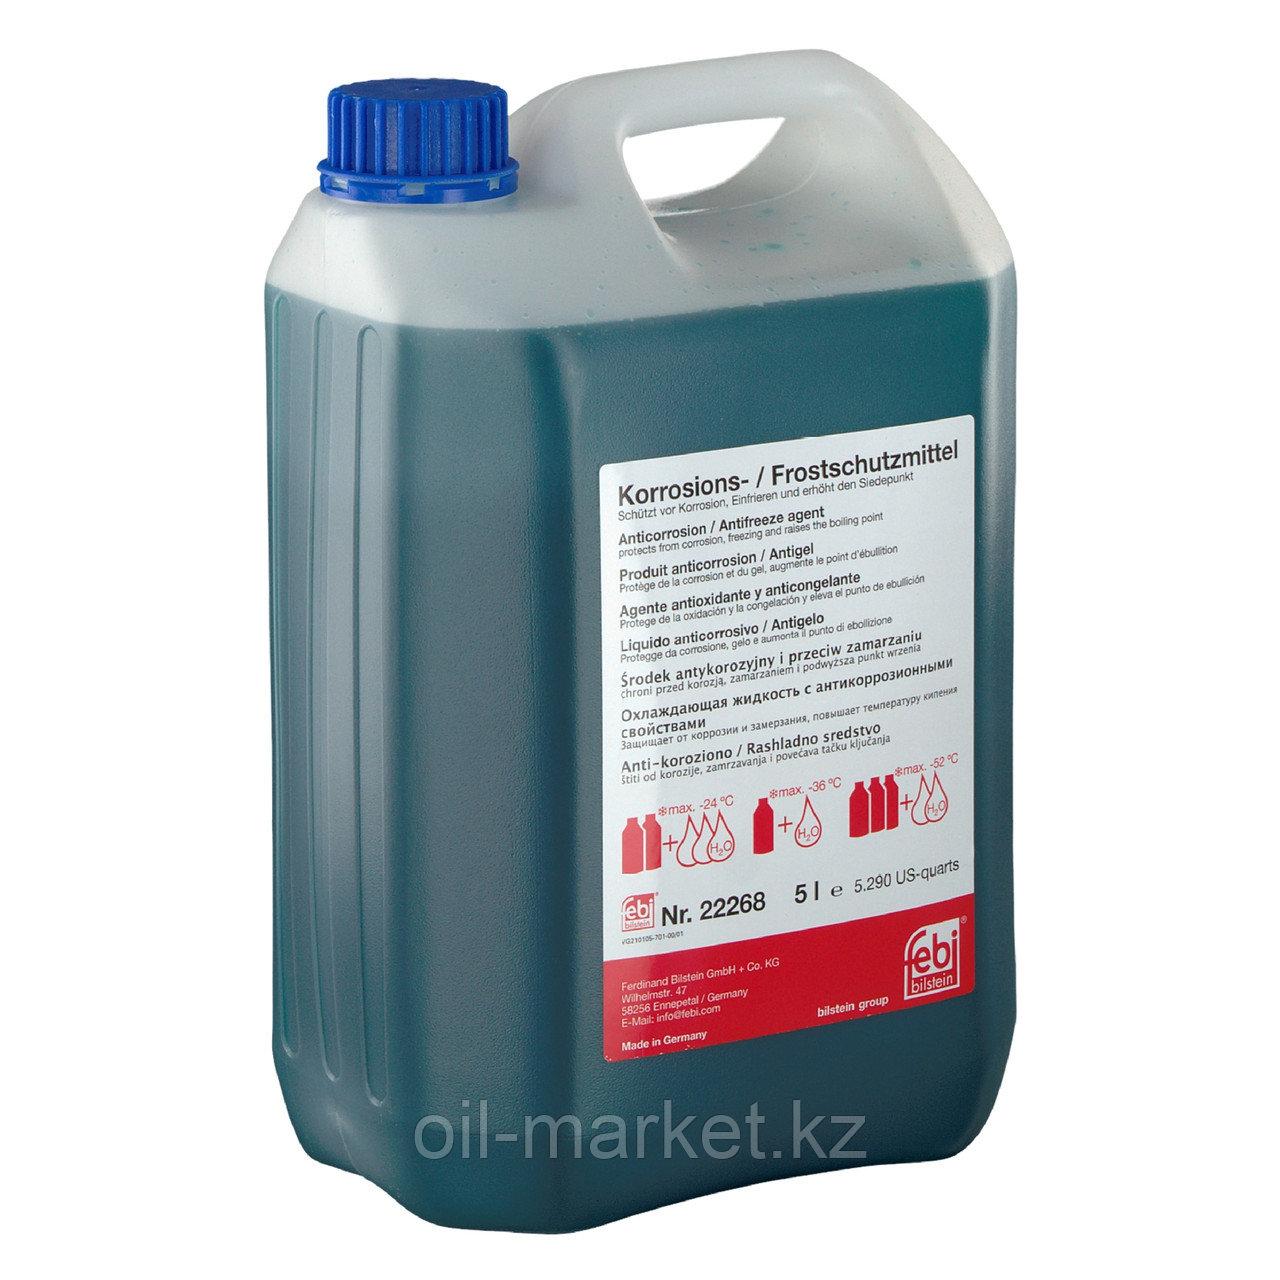 FEBI 22268 антифриз синий 5L концентрат 1:1 -40°C G11